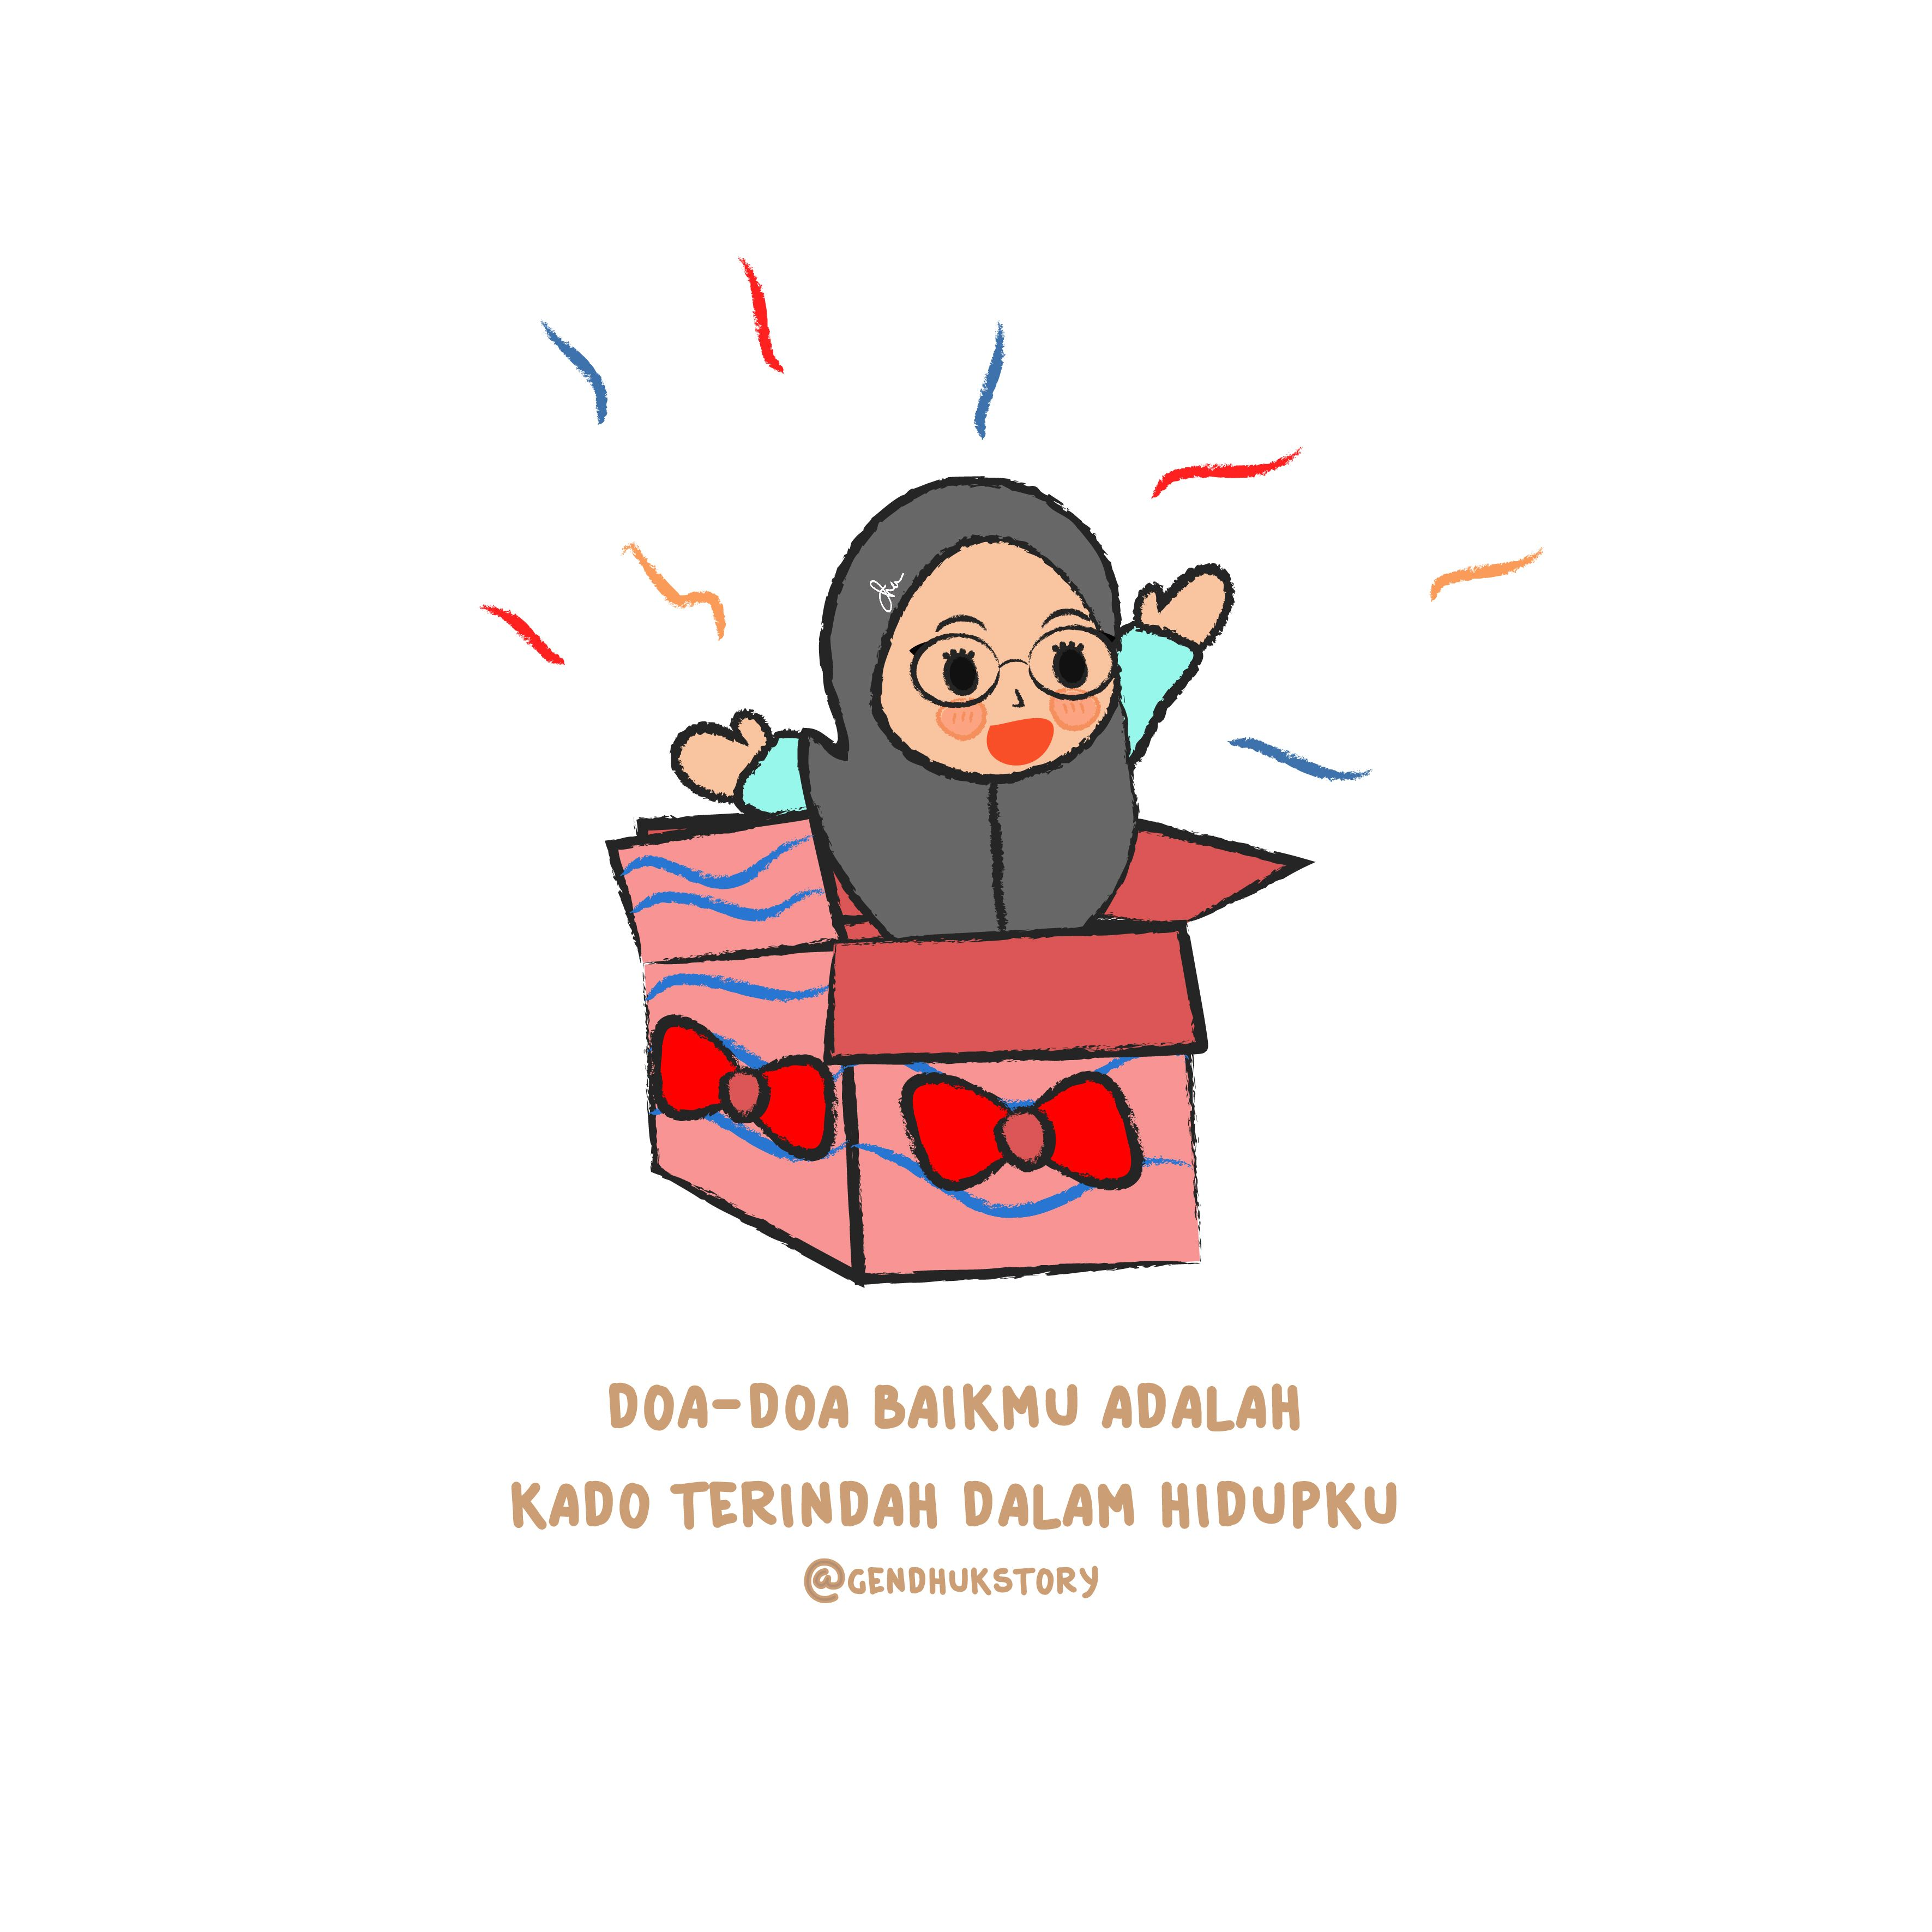 Gudang Gambar Kartun Baca Doa Phontekno